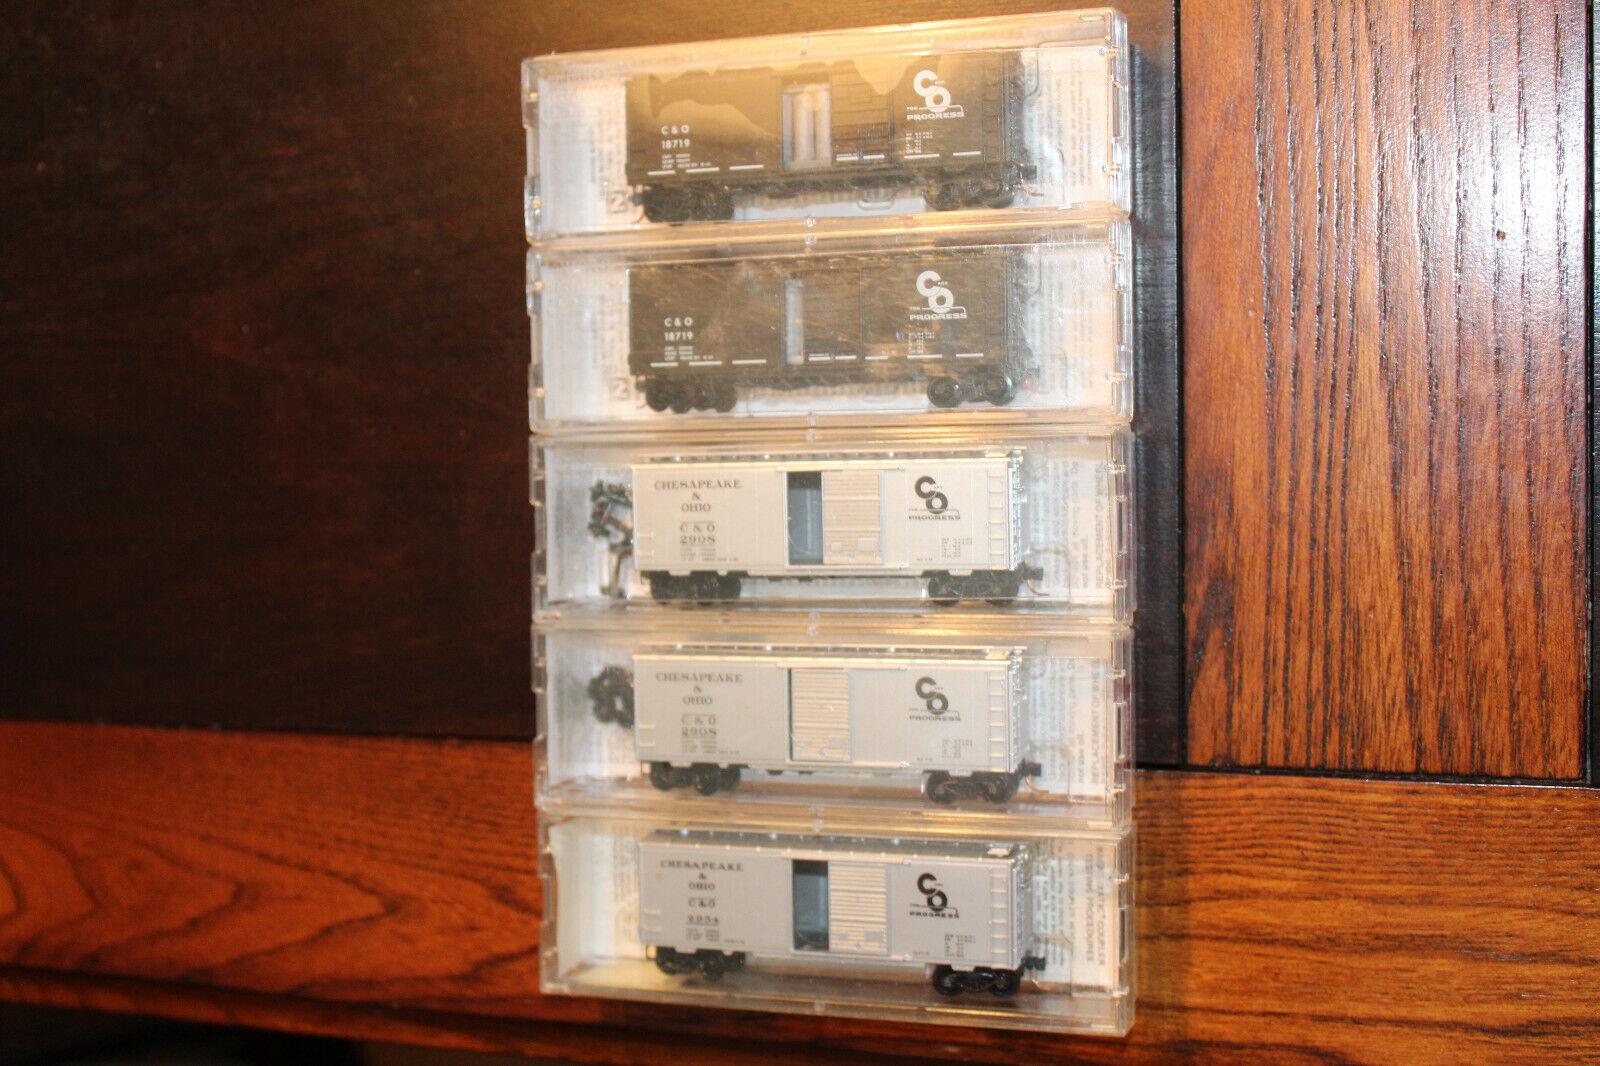 N SKALL Lot av 5 (RARE) CHESAPeake och OHIO 40 'ståARD låda bil, AV MIKROPTBILAR